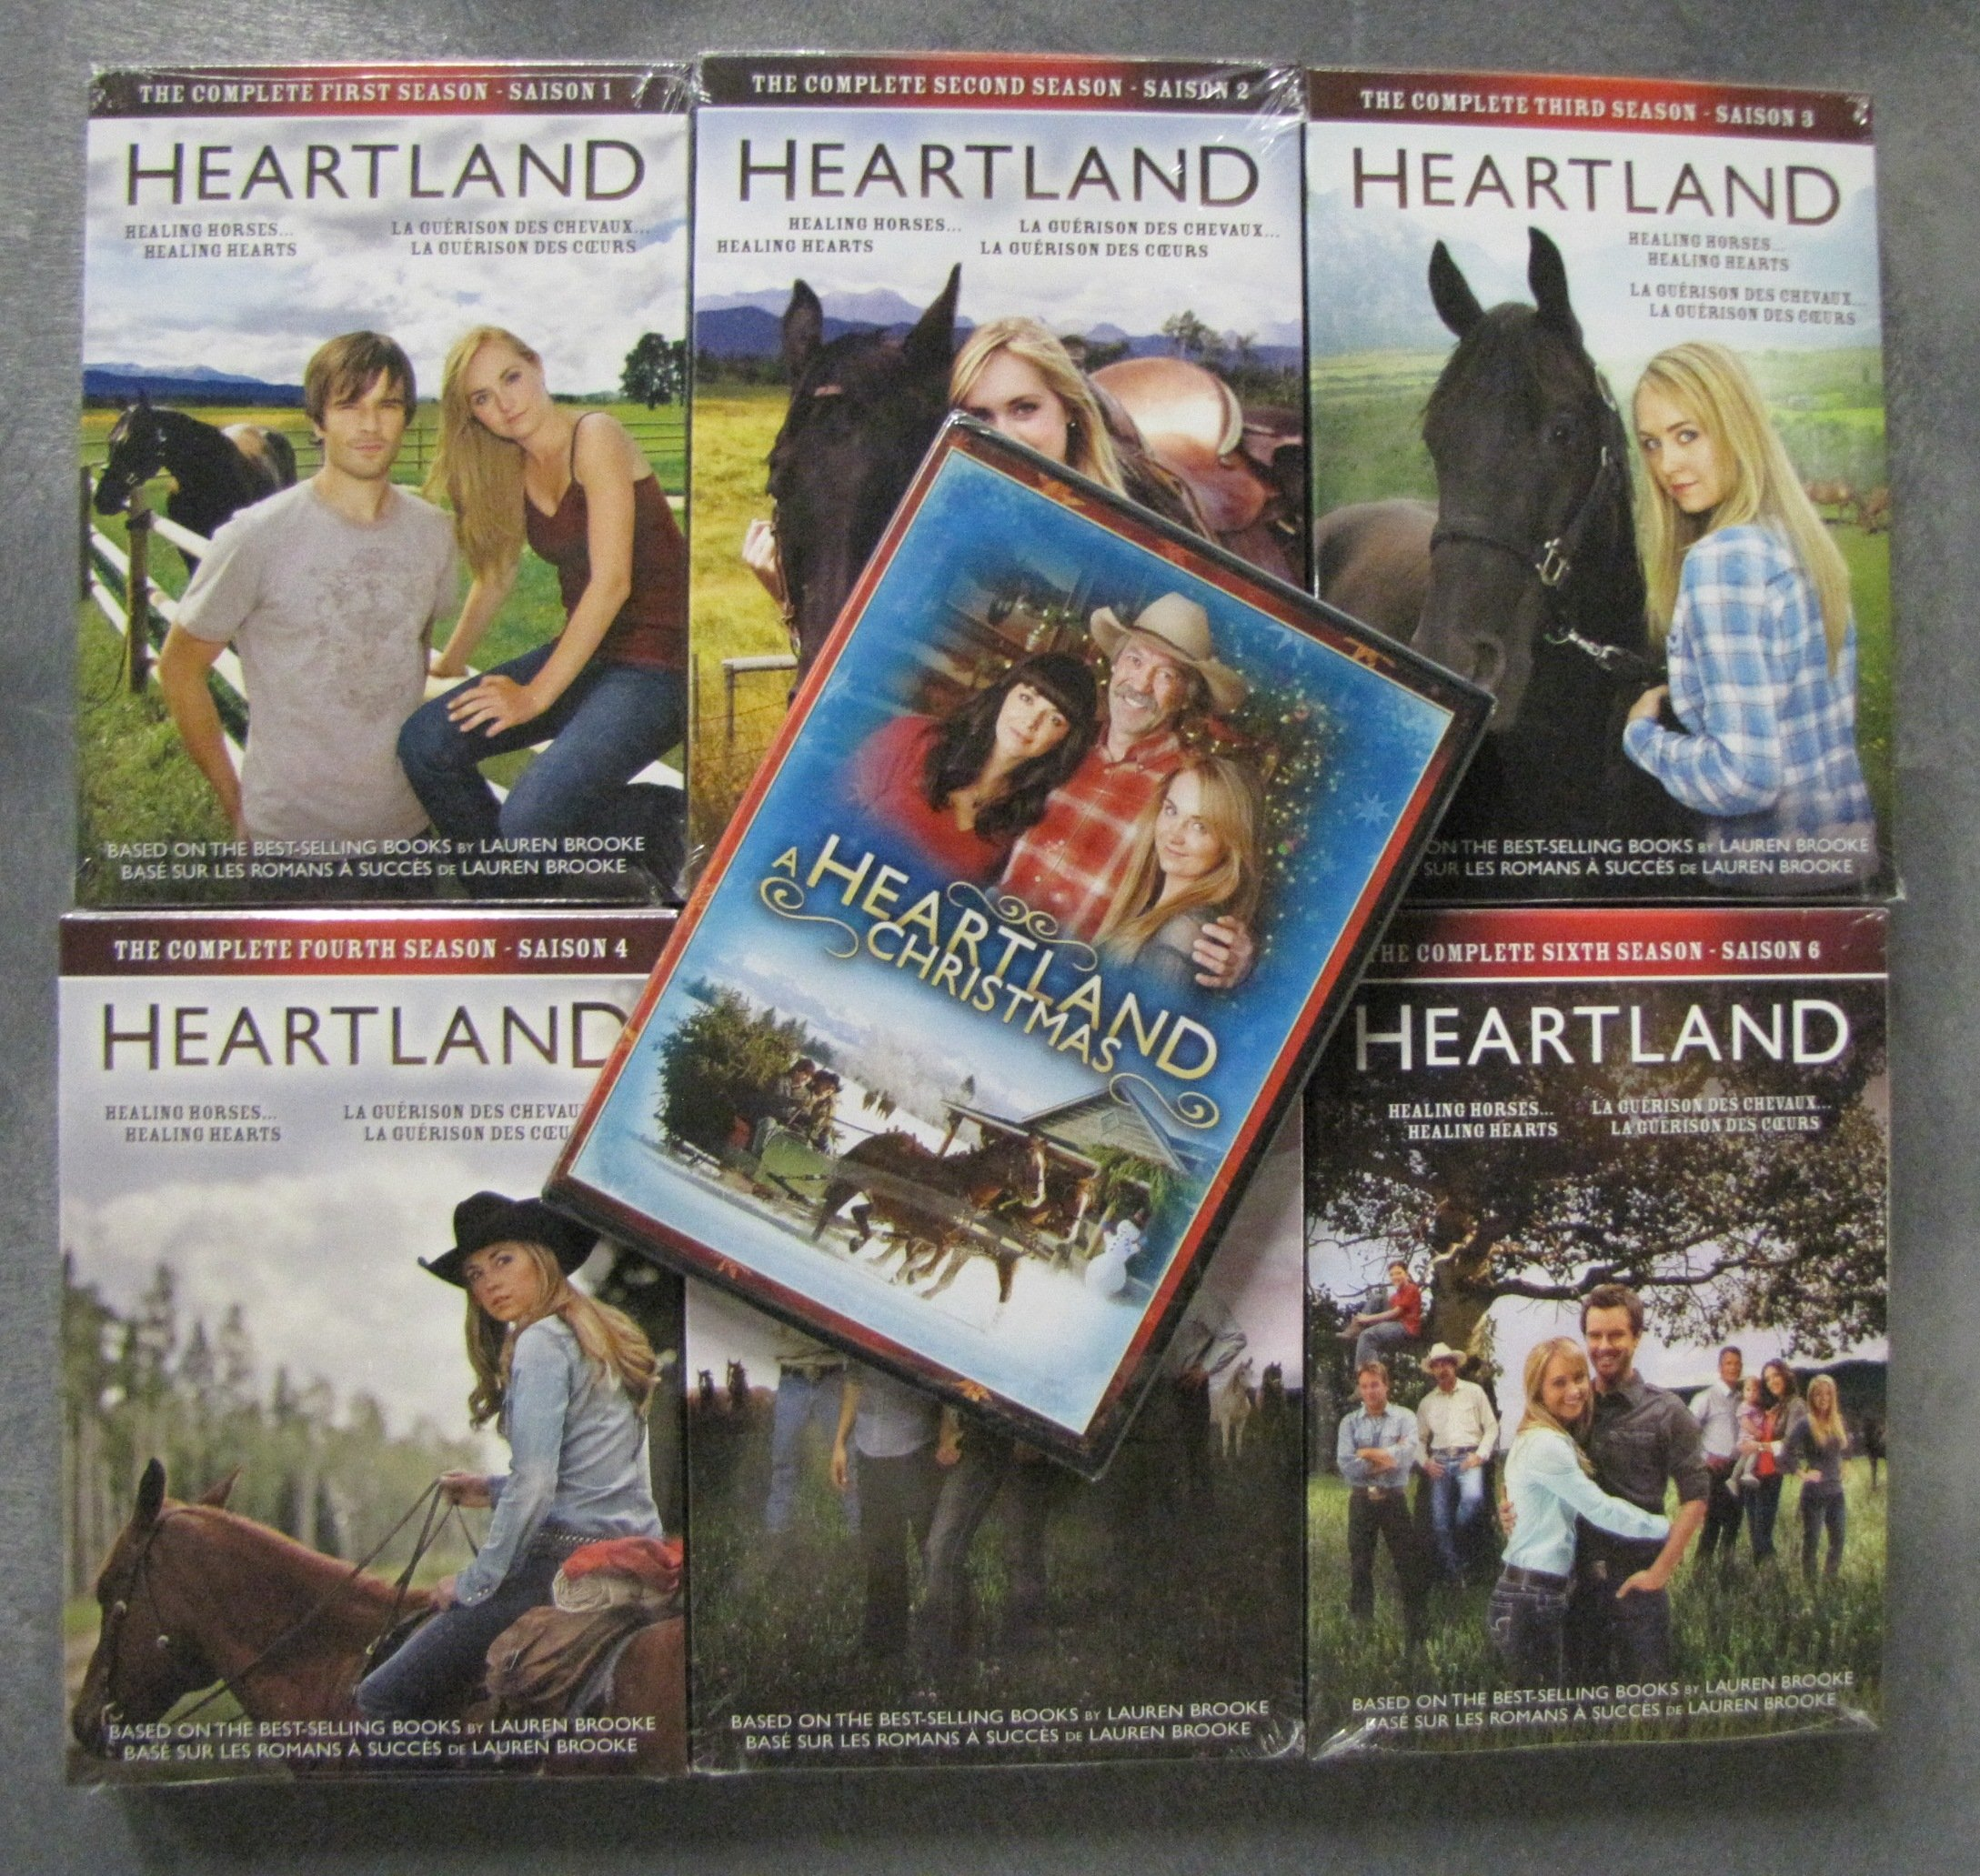 Heartland: Complete Seasons 1-6 and A Heartland Christmas by